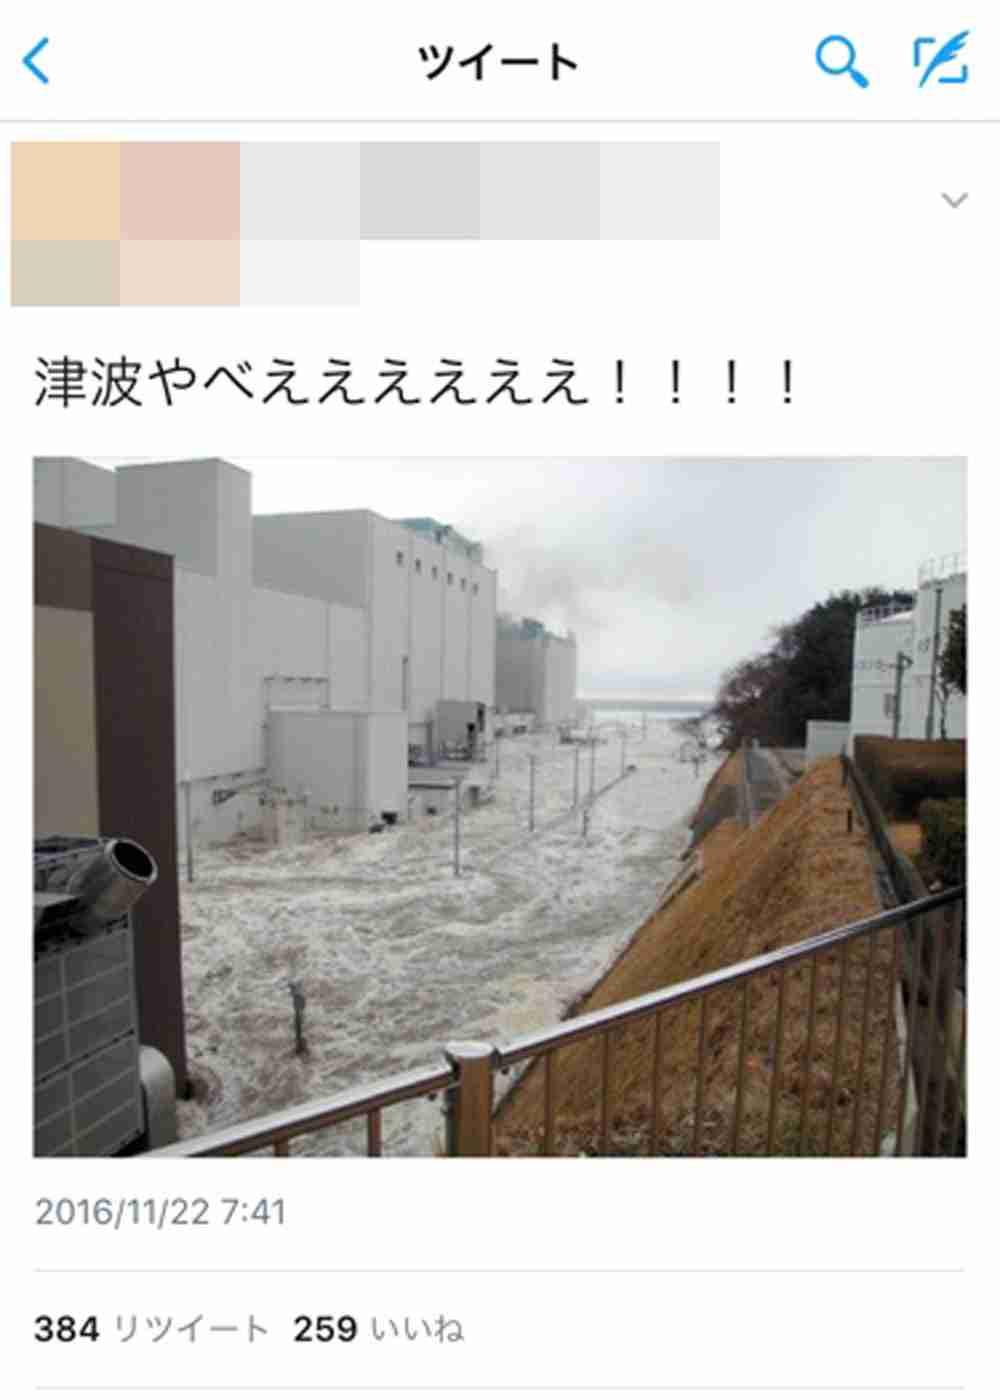 宮城・福島の津波警報でデマ 東日本大震災の写真使い「津波やべええええええ」 (BuzzFeed Japan) - Yahoo!ニュース